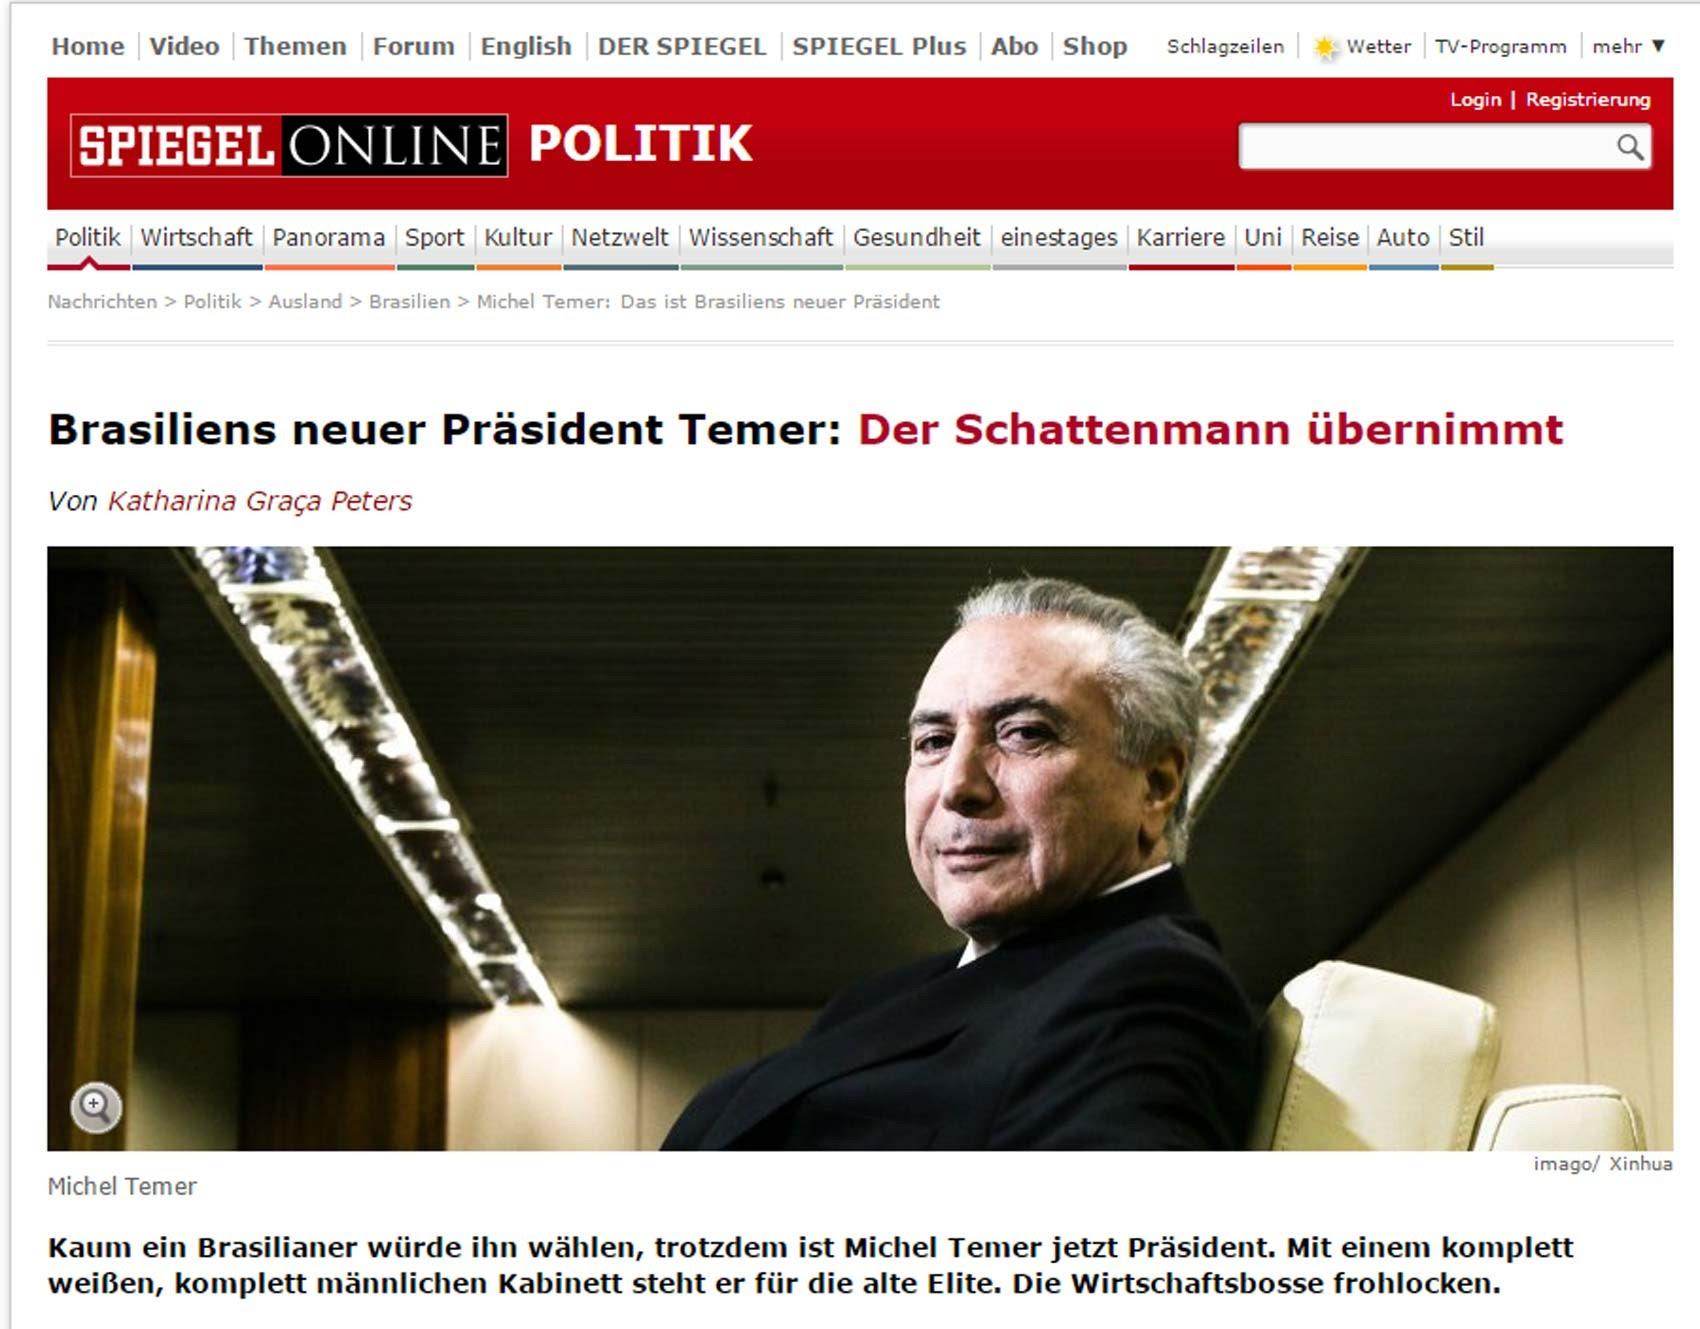 Revista alemã Spiegel destaca a ascensão de Michel Temer (Foto: Reprodução/ Spiegel)